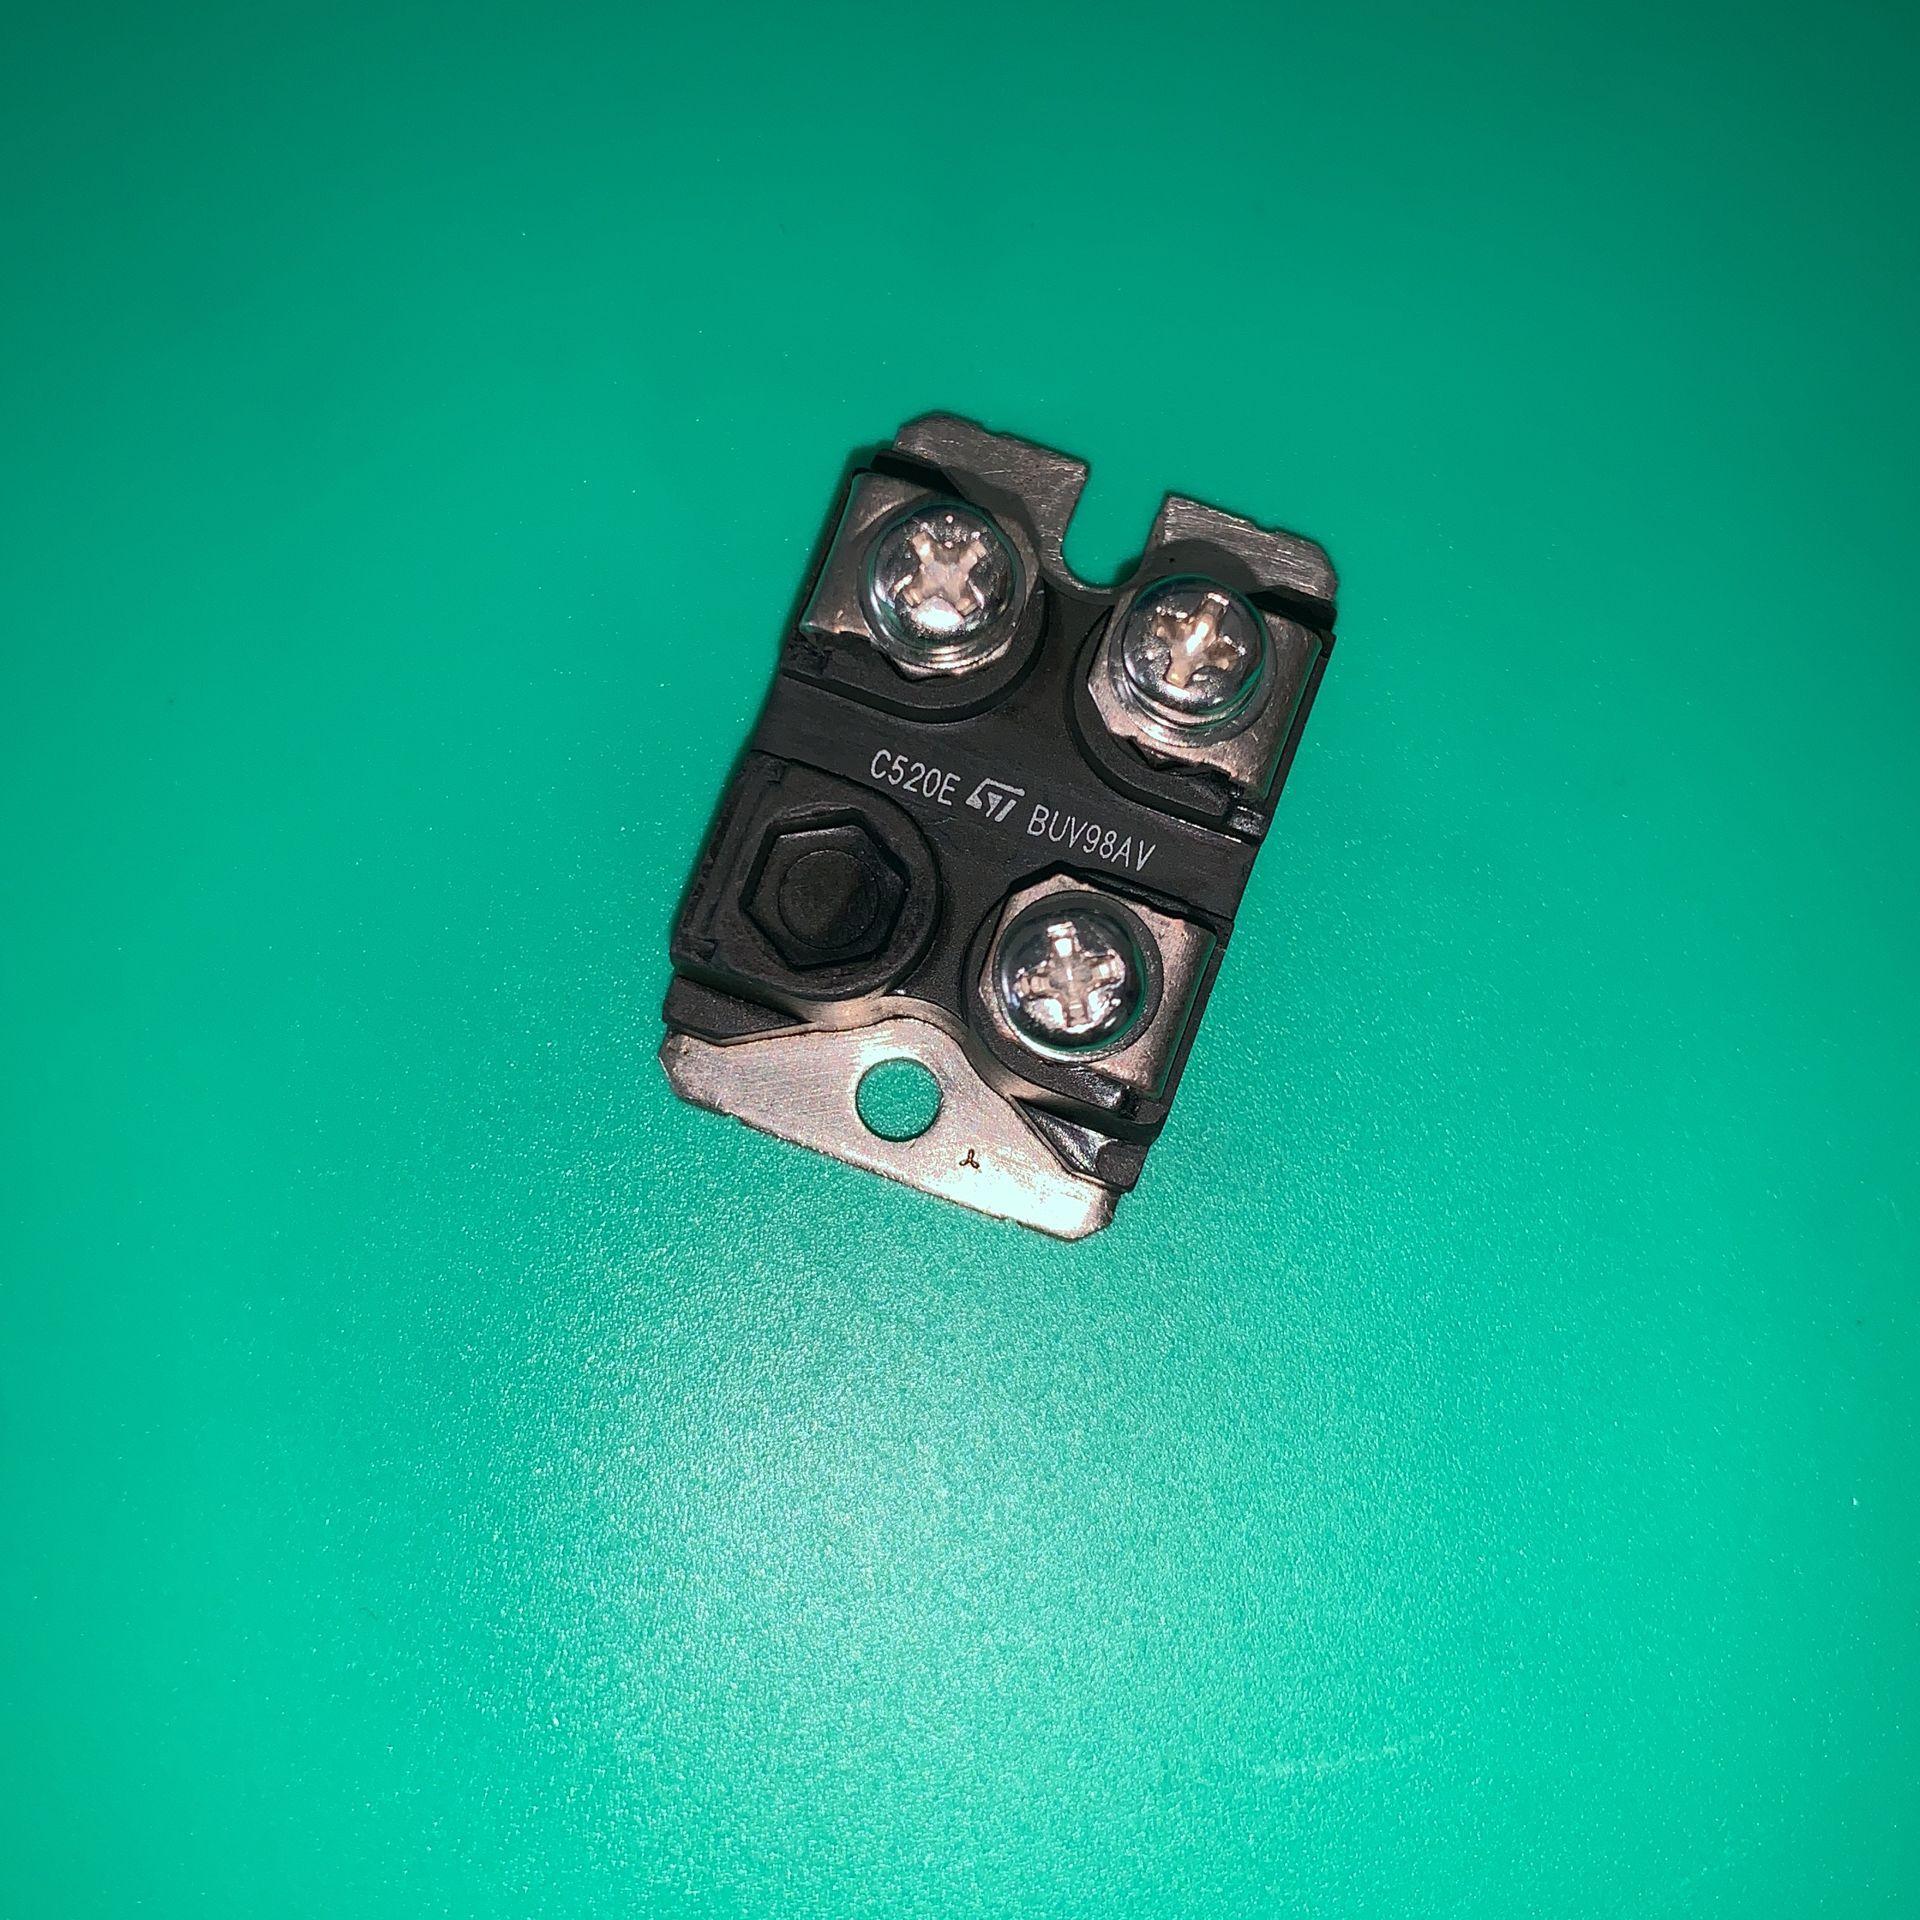 BUV98AV TRANS NPN 450V 30A ISOTOP BUV98A فولت وحدة IGBT NPN وحدات طاقة الترانزستور BUV98 AV BUV 98AV STBUV98AV